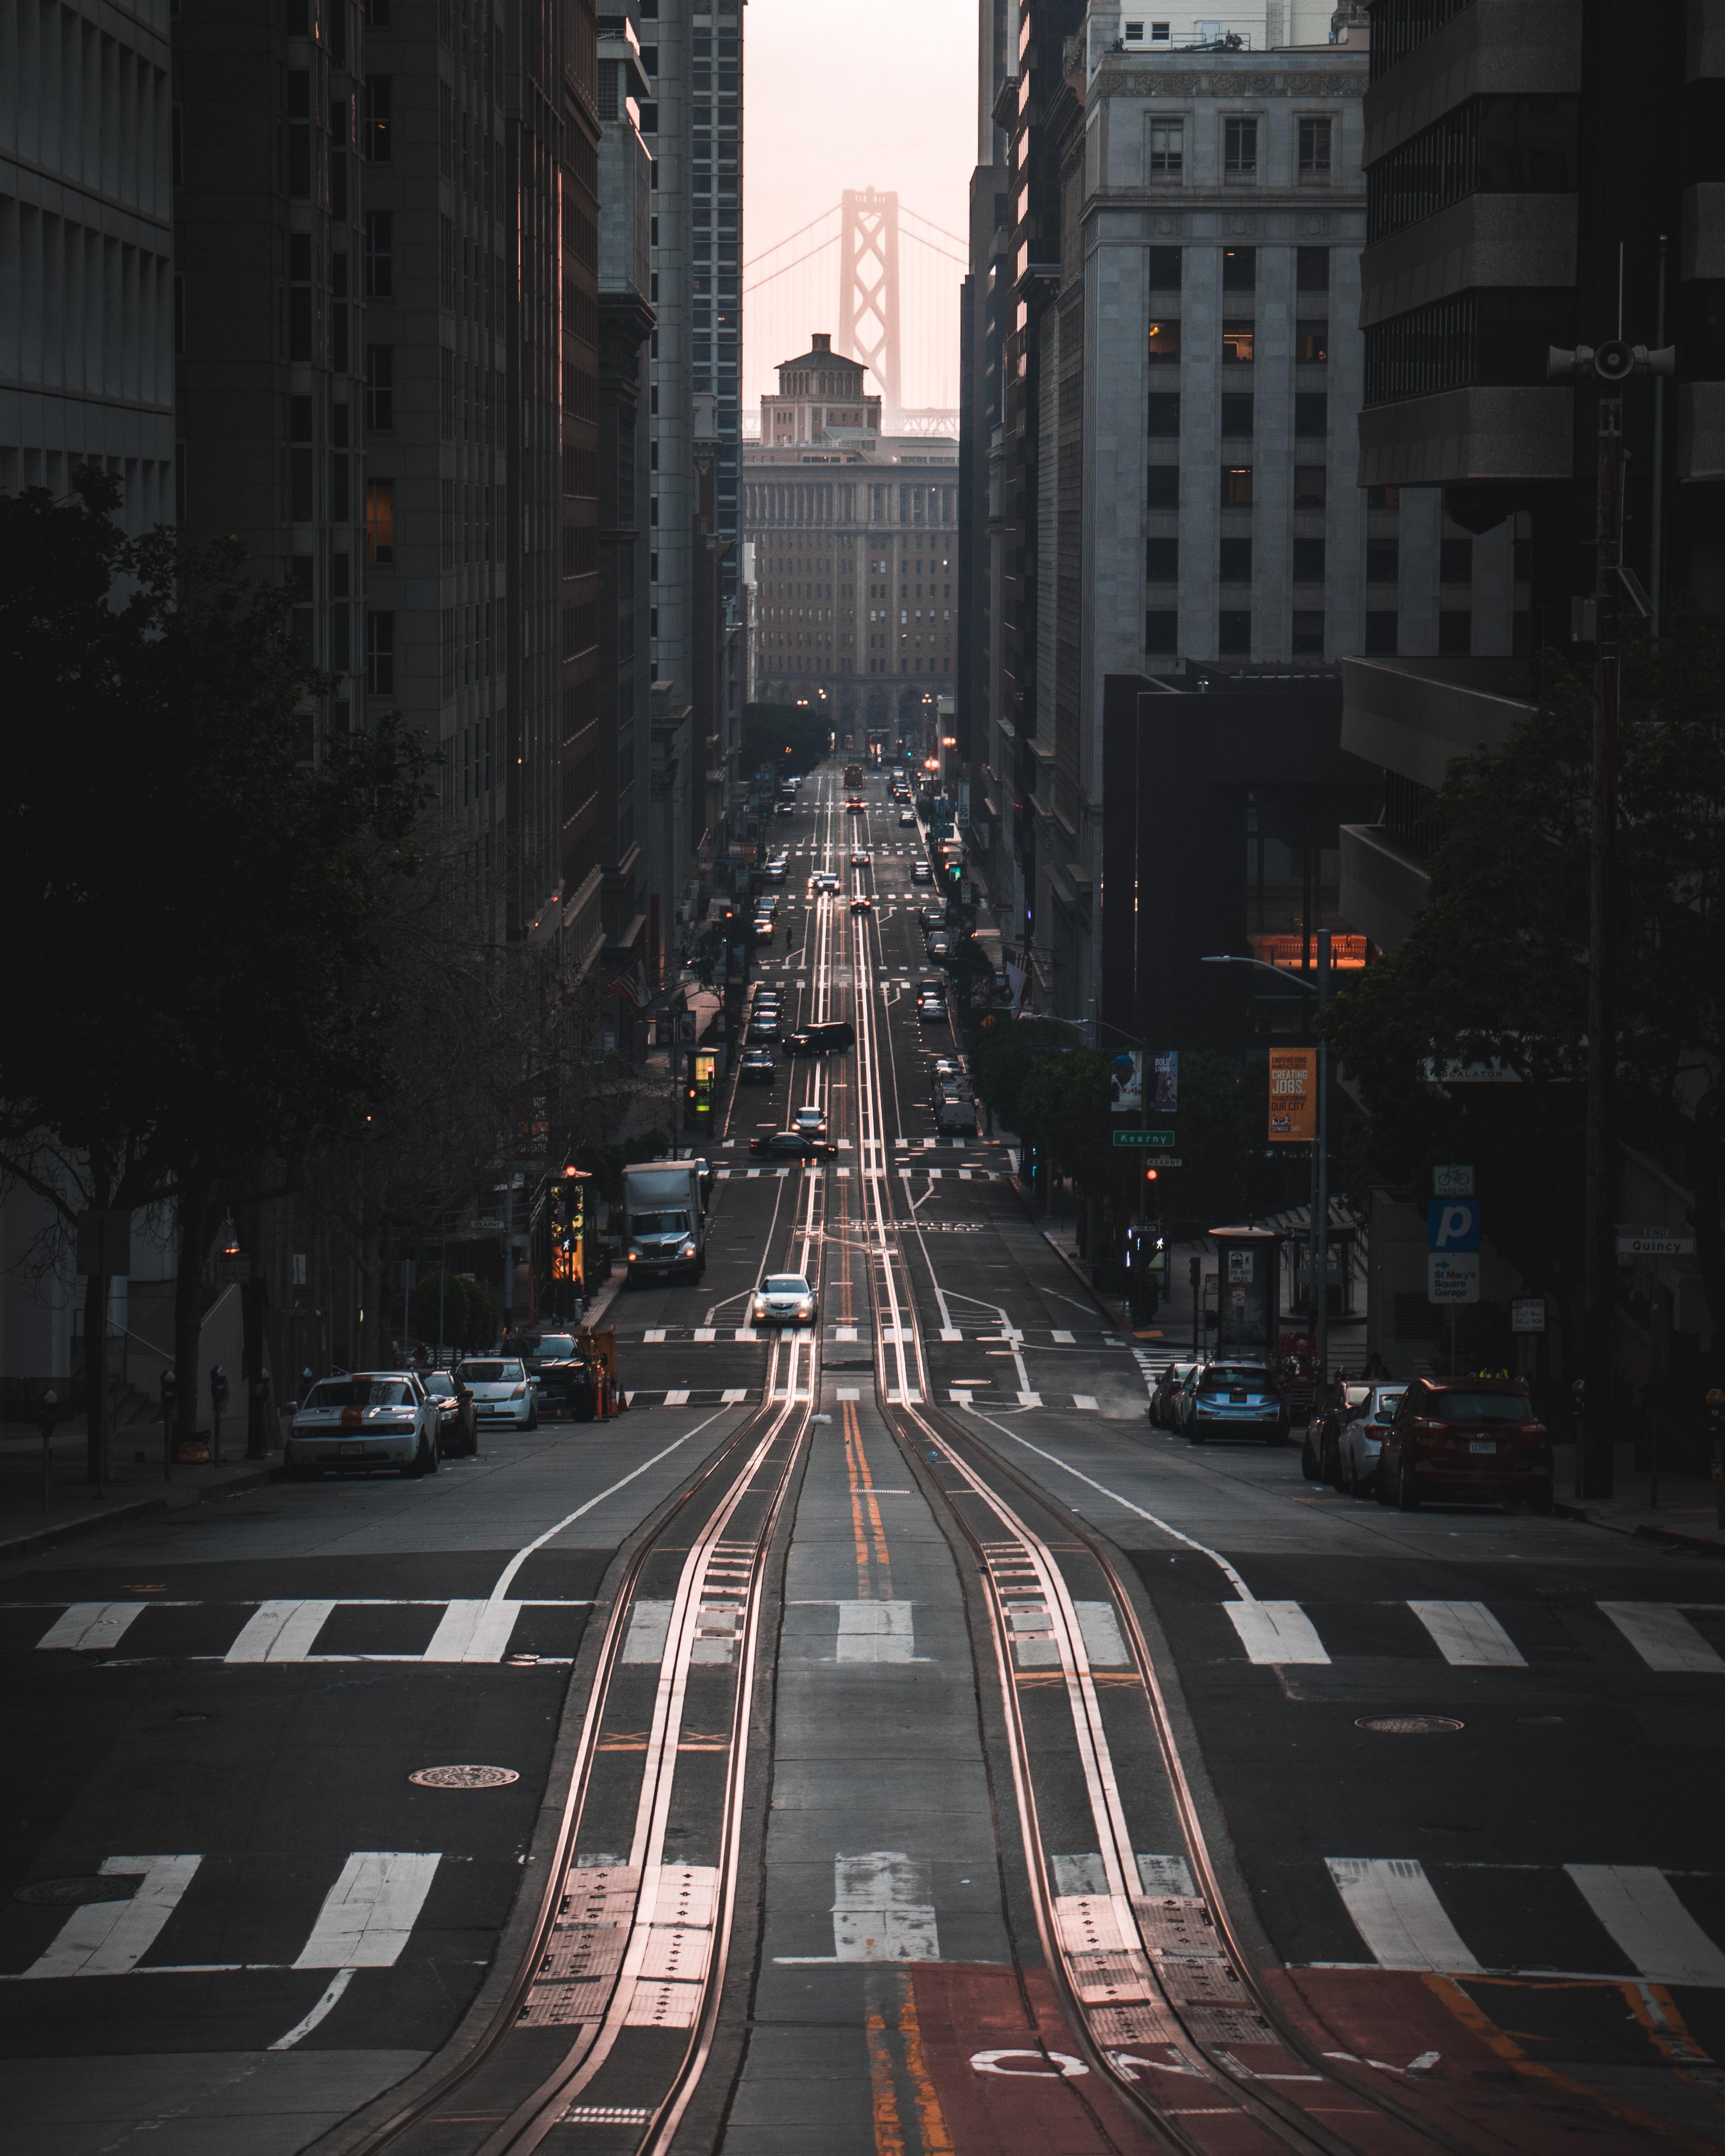 81526 завантажити шпалери Місто, Дорога, Будинки, Будівля, Даль, Відстань, Міста, Машини - заставки і картинки безкоштовно